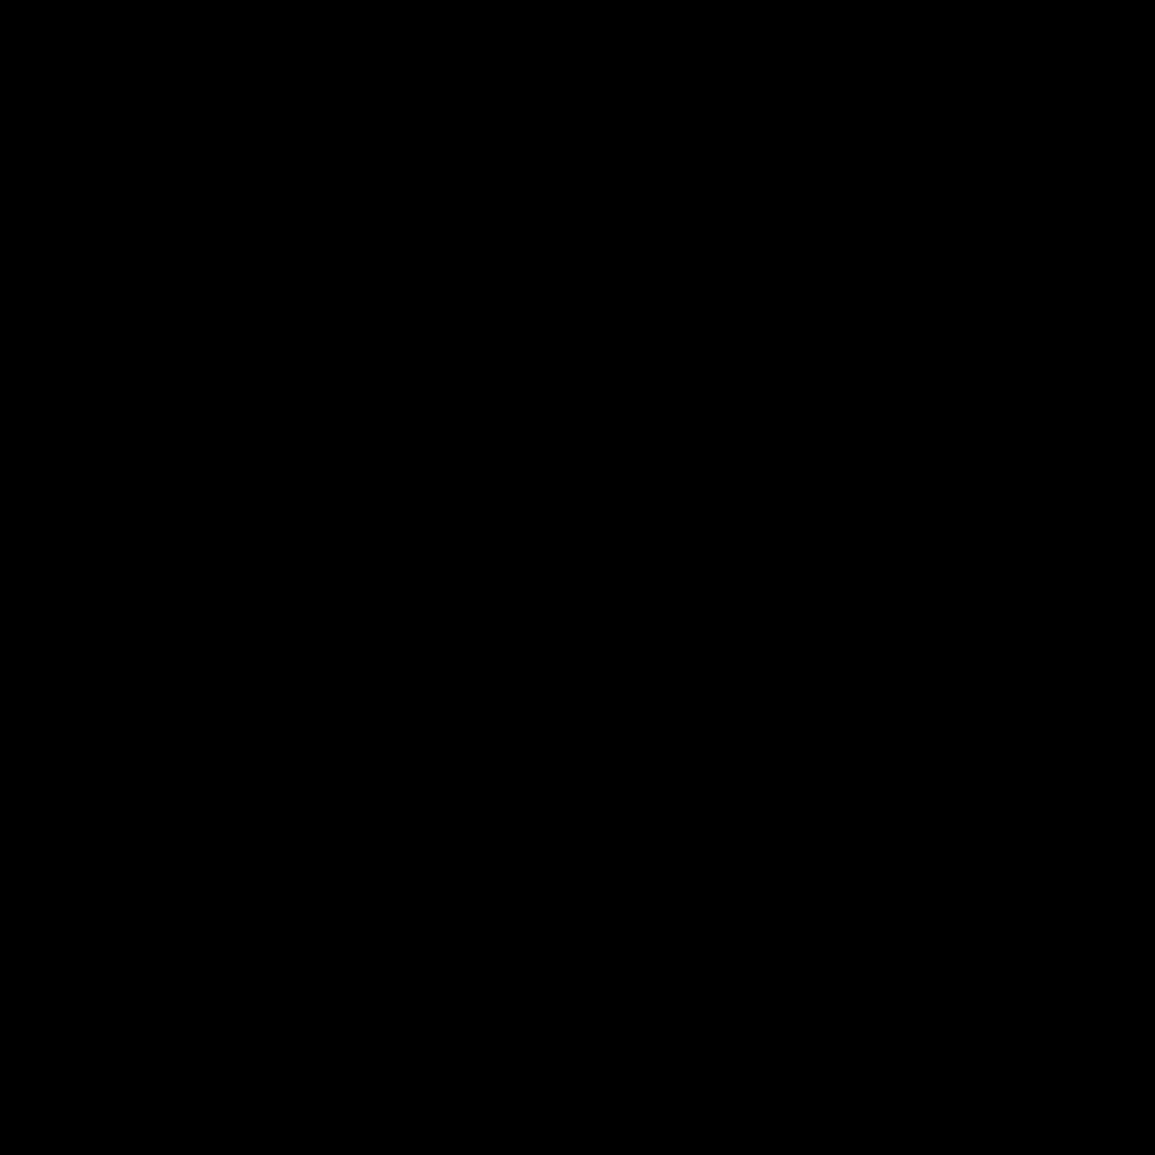 曽蘭太隷書 BRA 字形見本